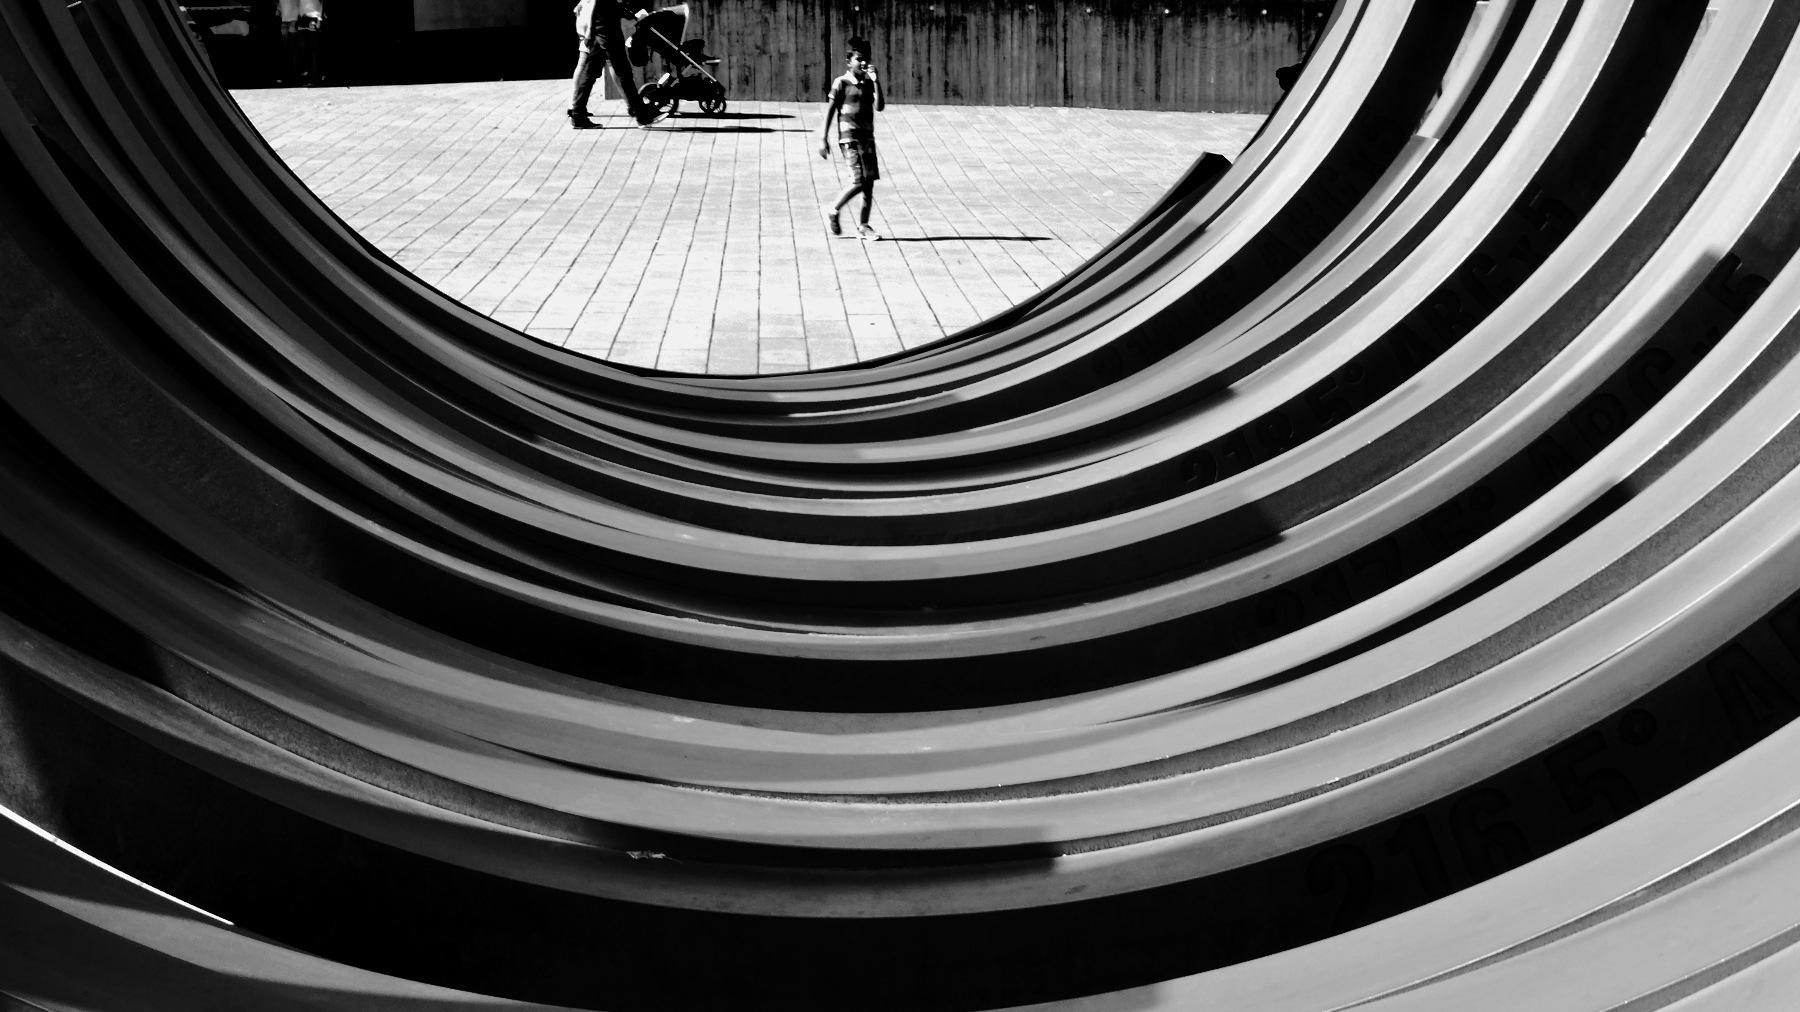 Street by Gernot Schwarz